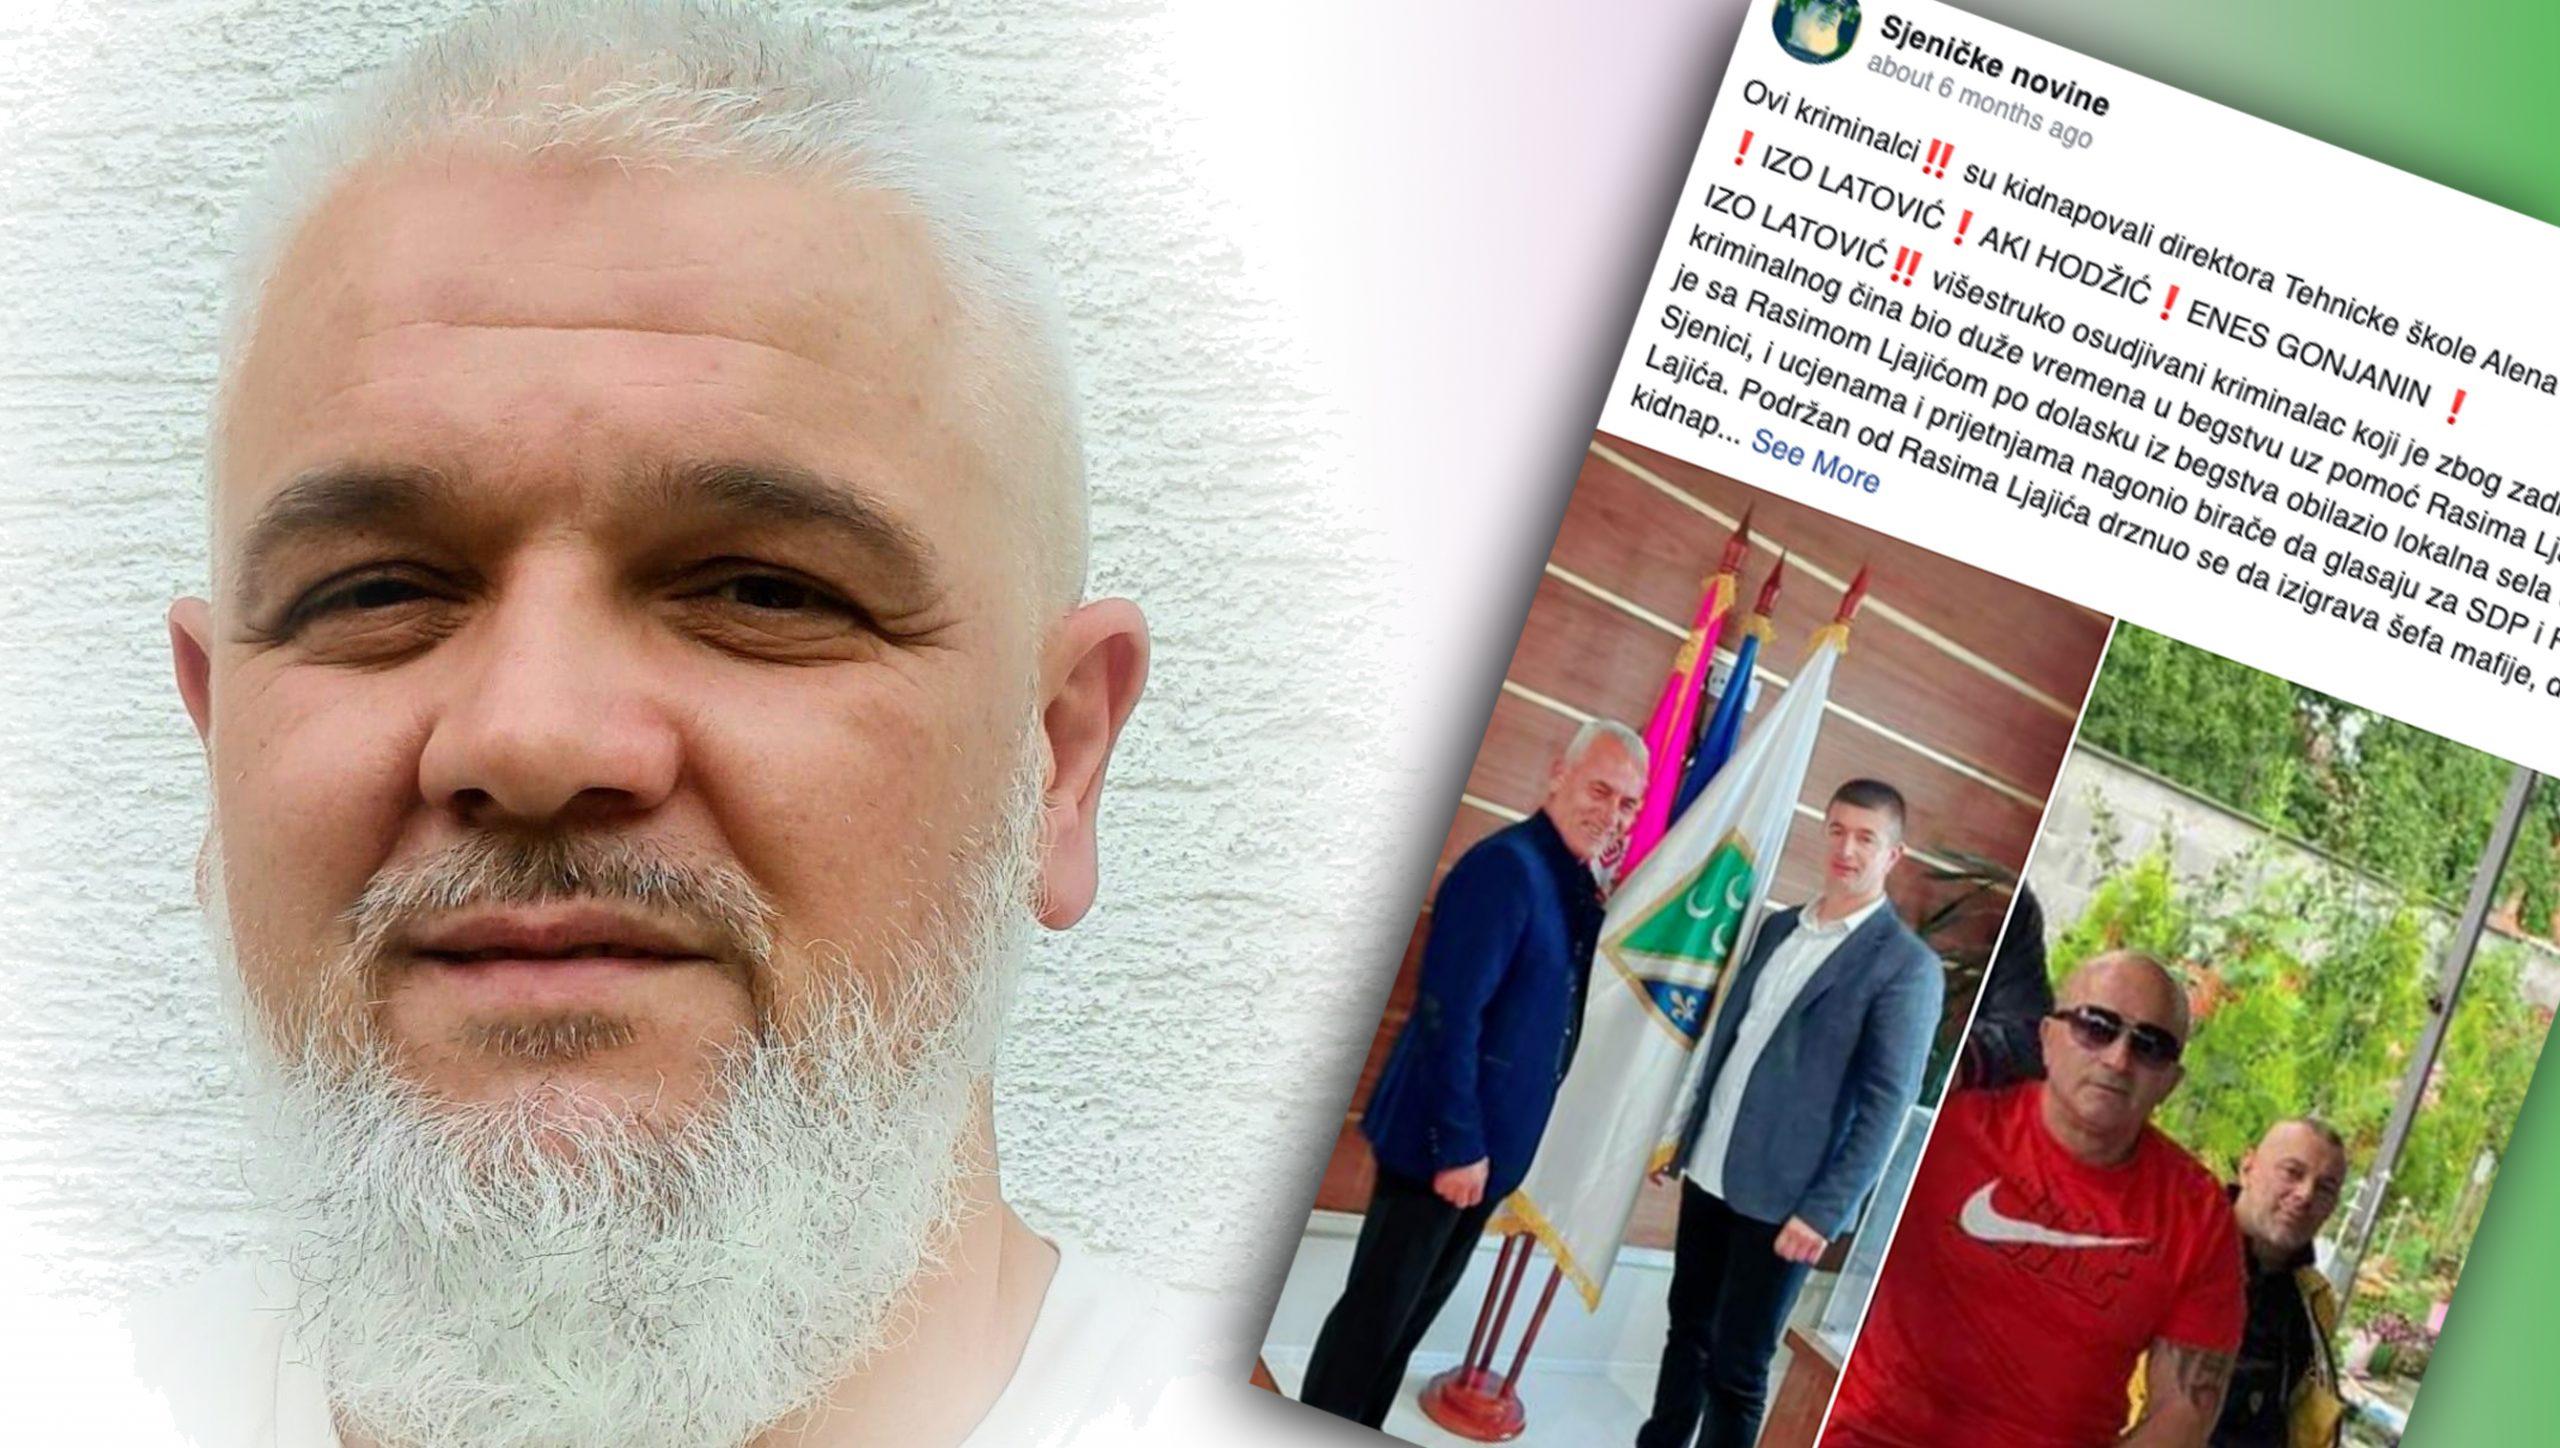 ATMOSFERA PRED ATENTAT Pročitajte tekst Sjeničkih novina zbog kojeg je ubijen Edin Hamidović